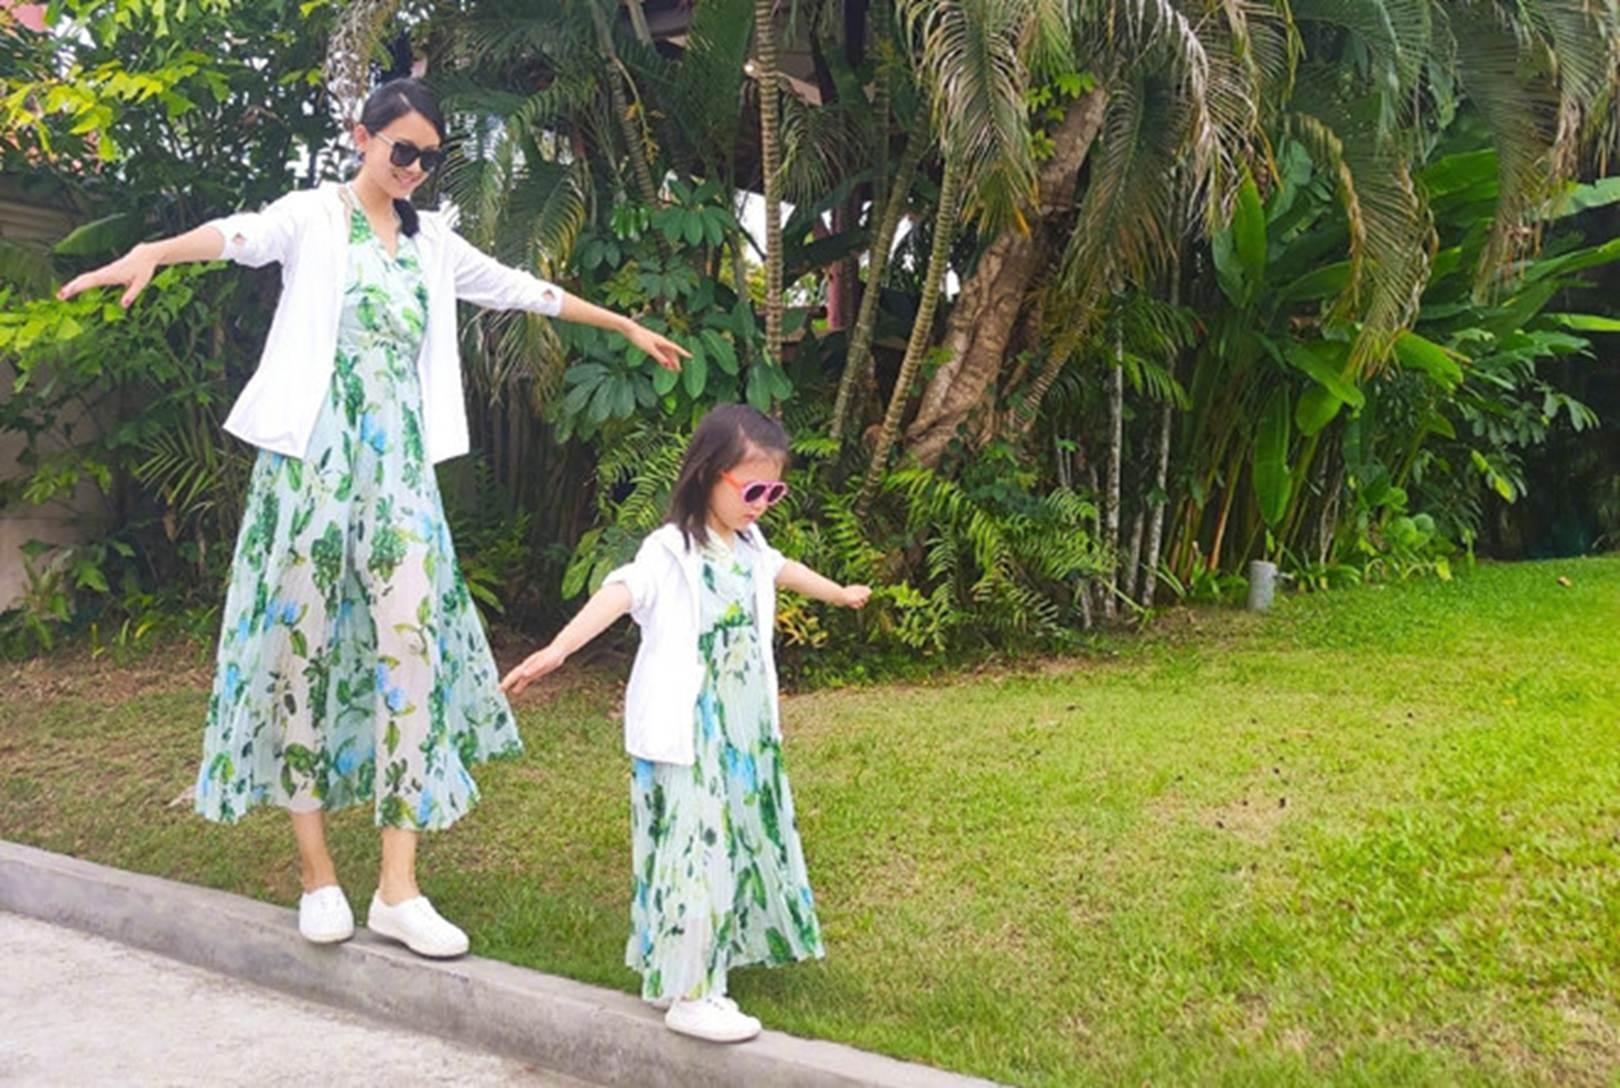 Con gái 3 tuổi của Hoa hậu Trương Tử Lâm sớm sở hữu đôi chân dài-4